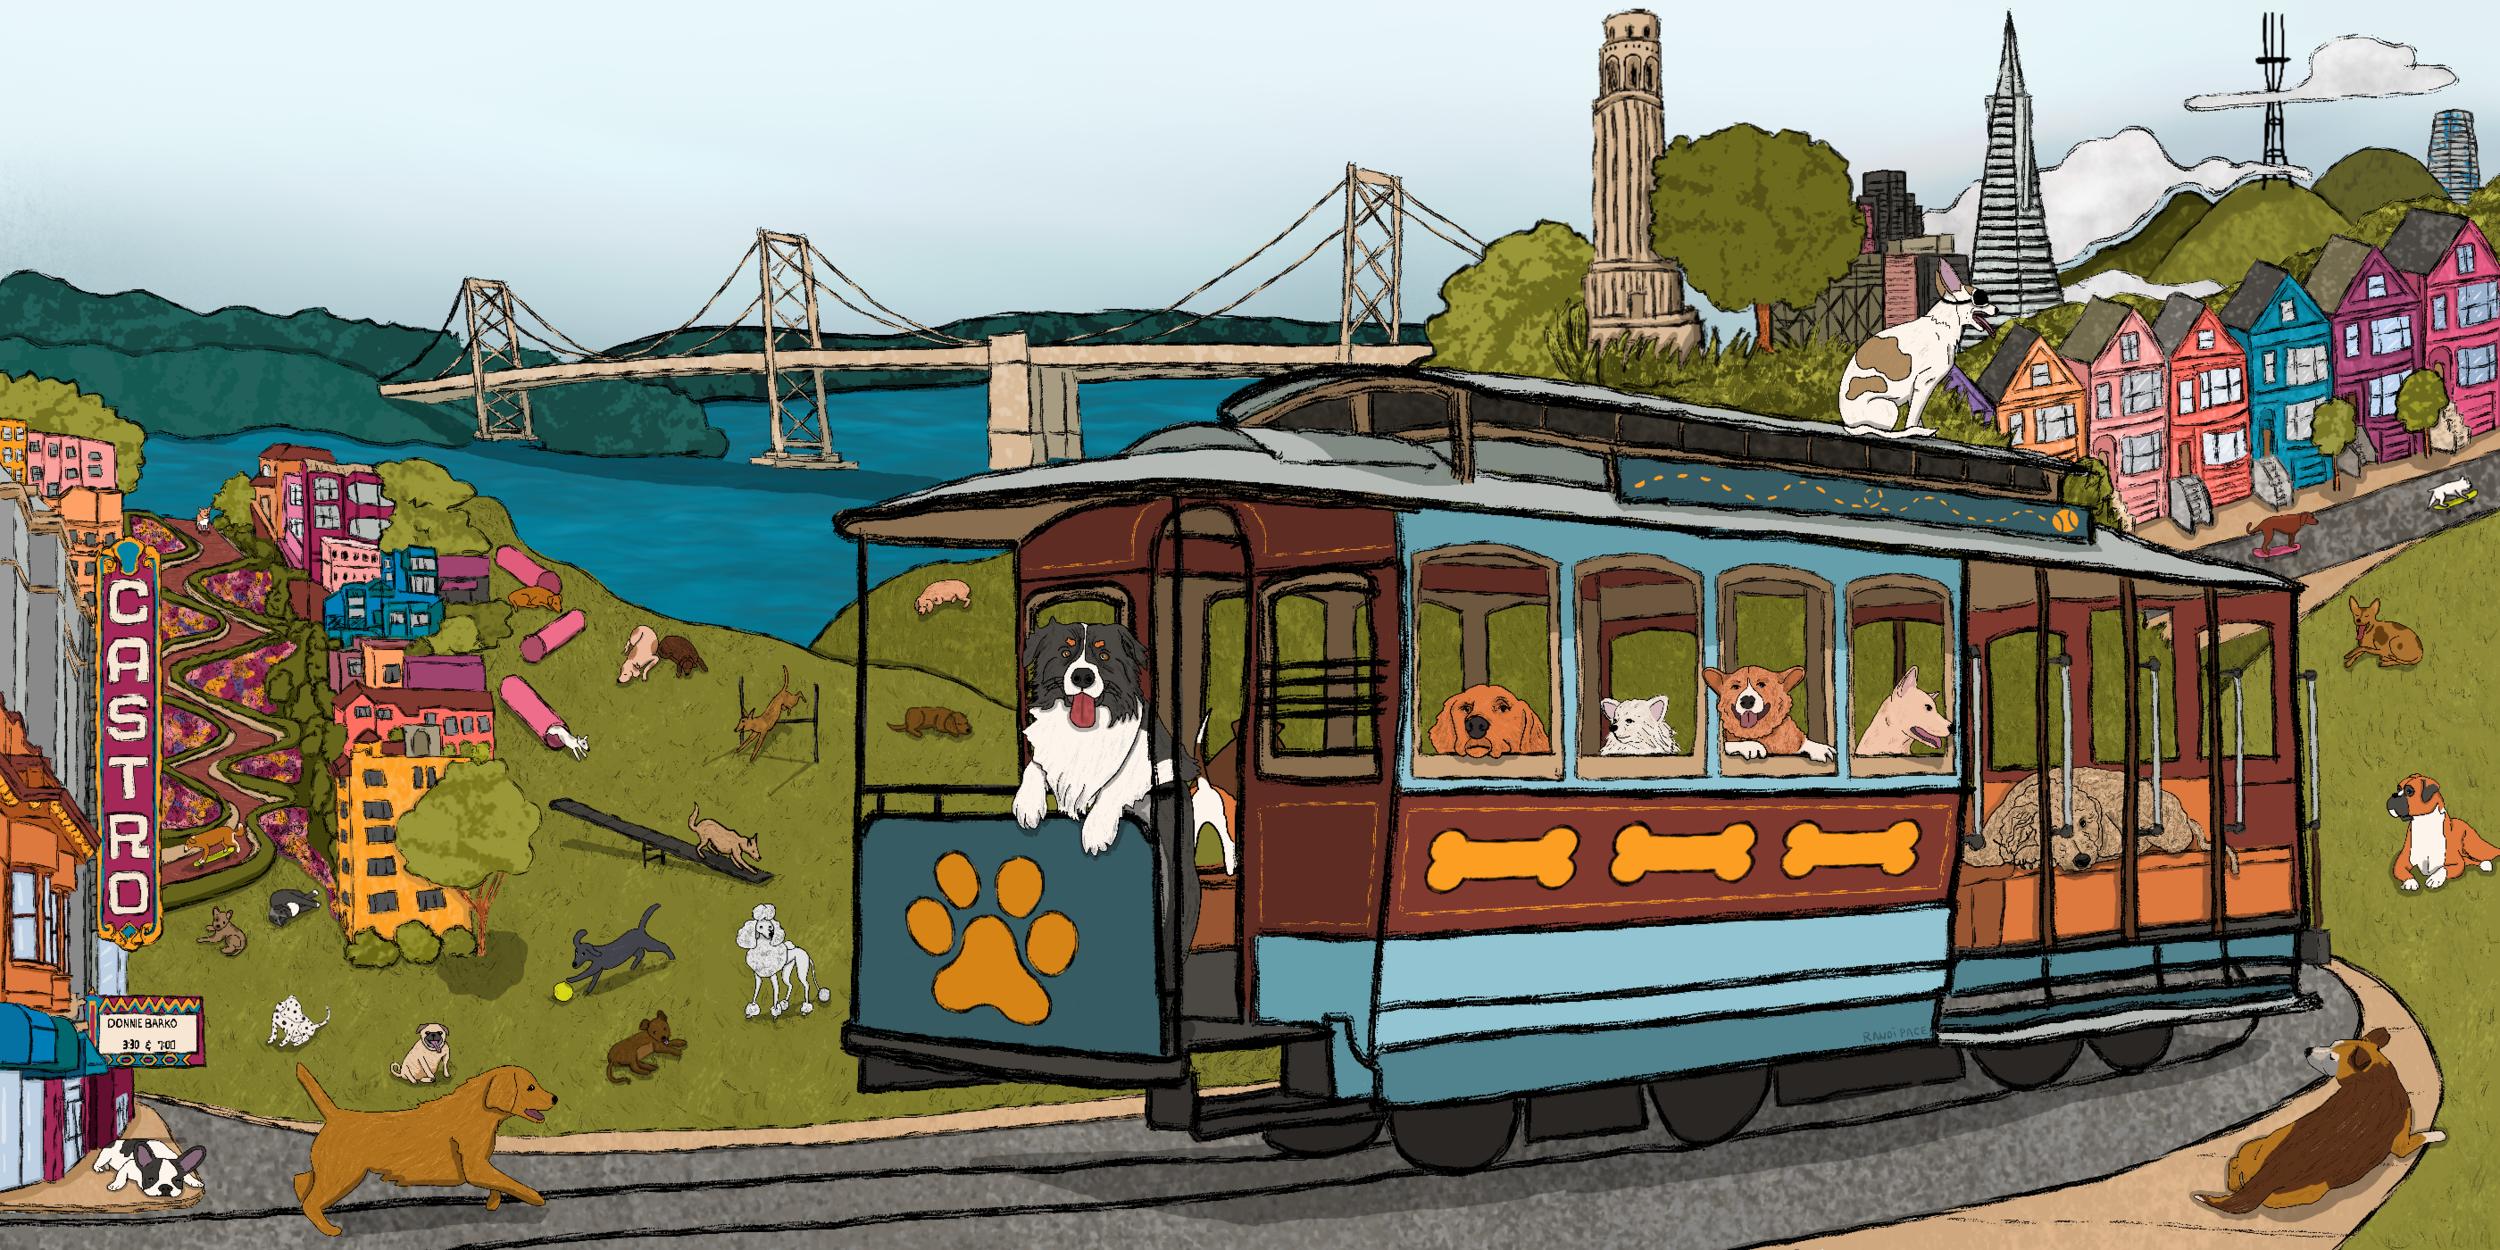 pogrubiona kursywą w San Francisco jaka jest dobra różnica wieku randkowego